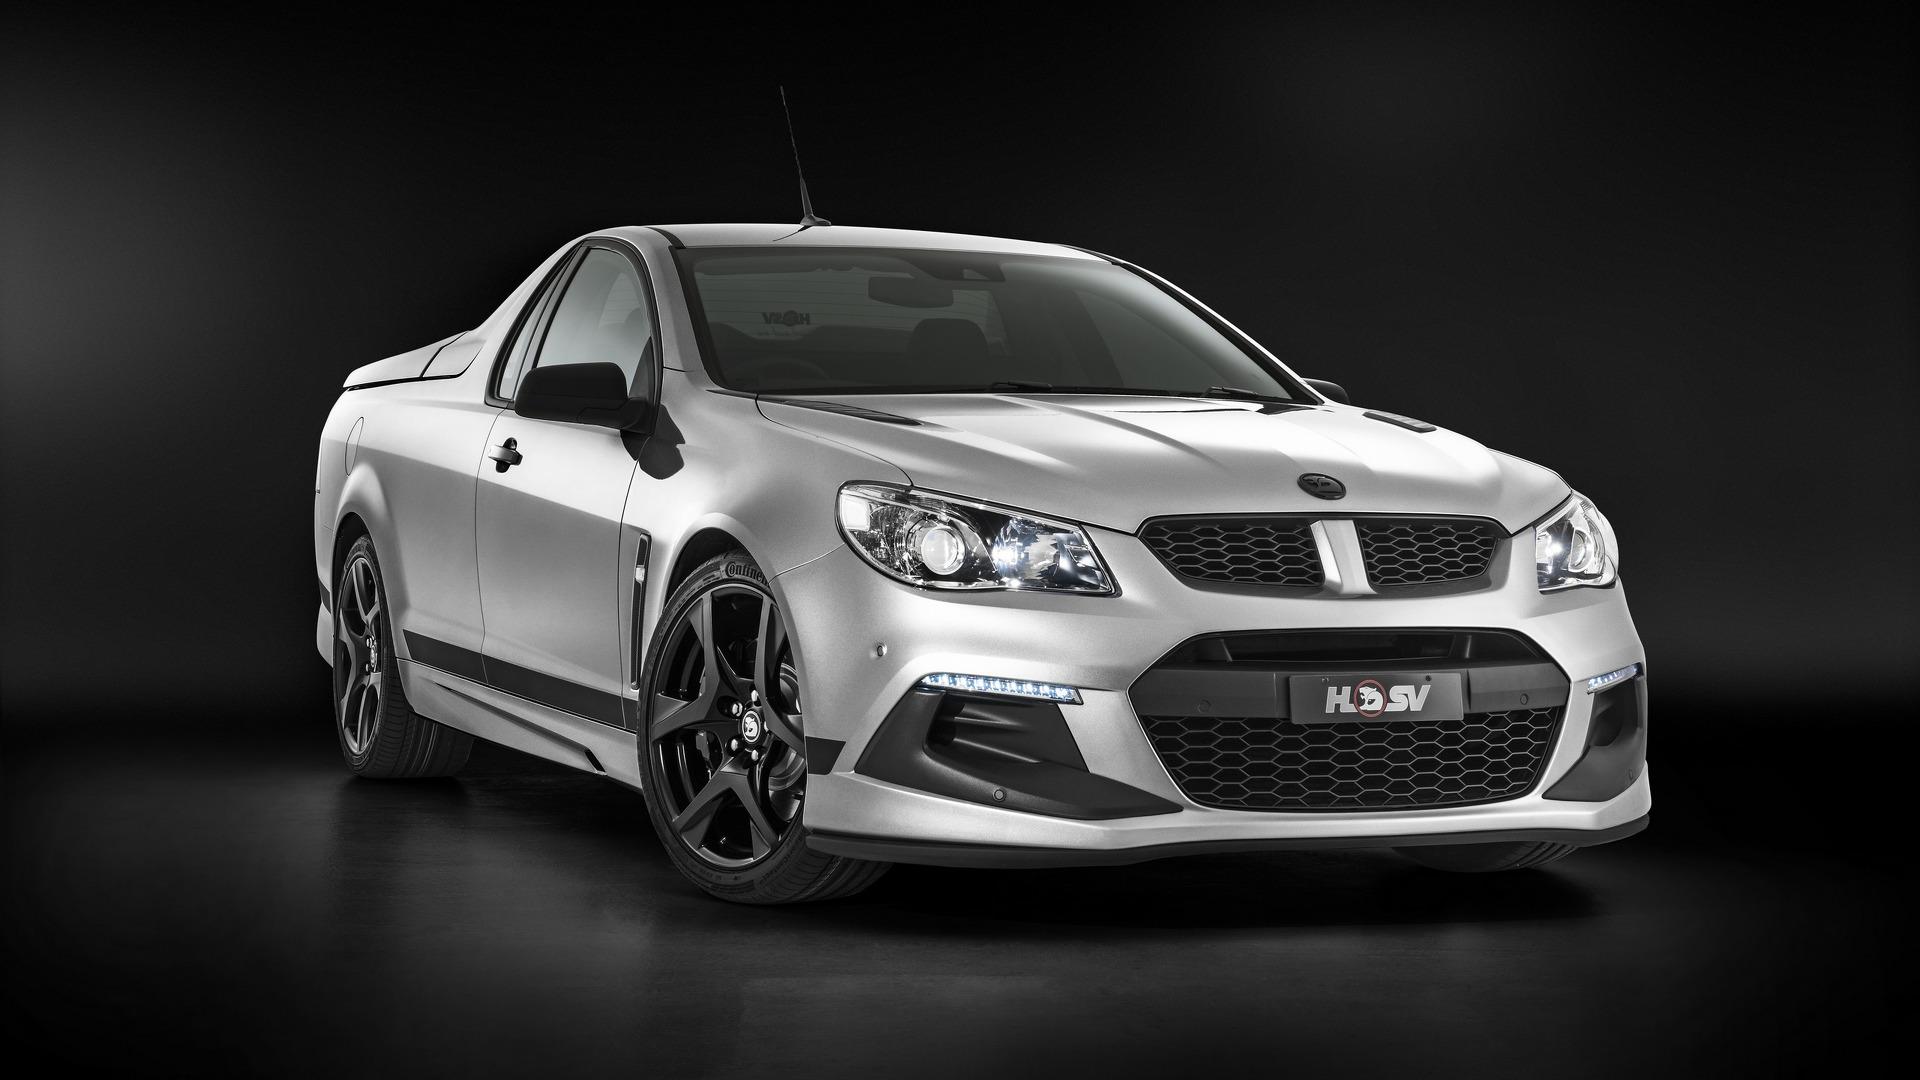 HSV retires LS3 V8 models with Black, Grange, Track editions